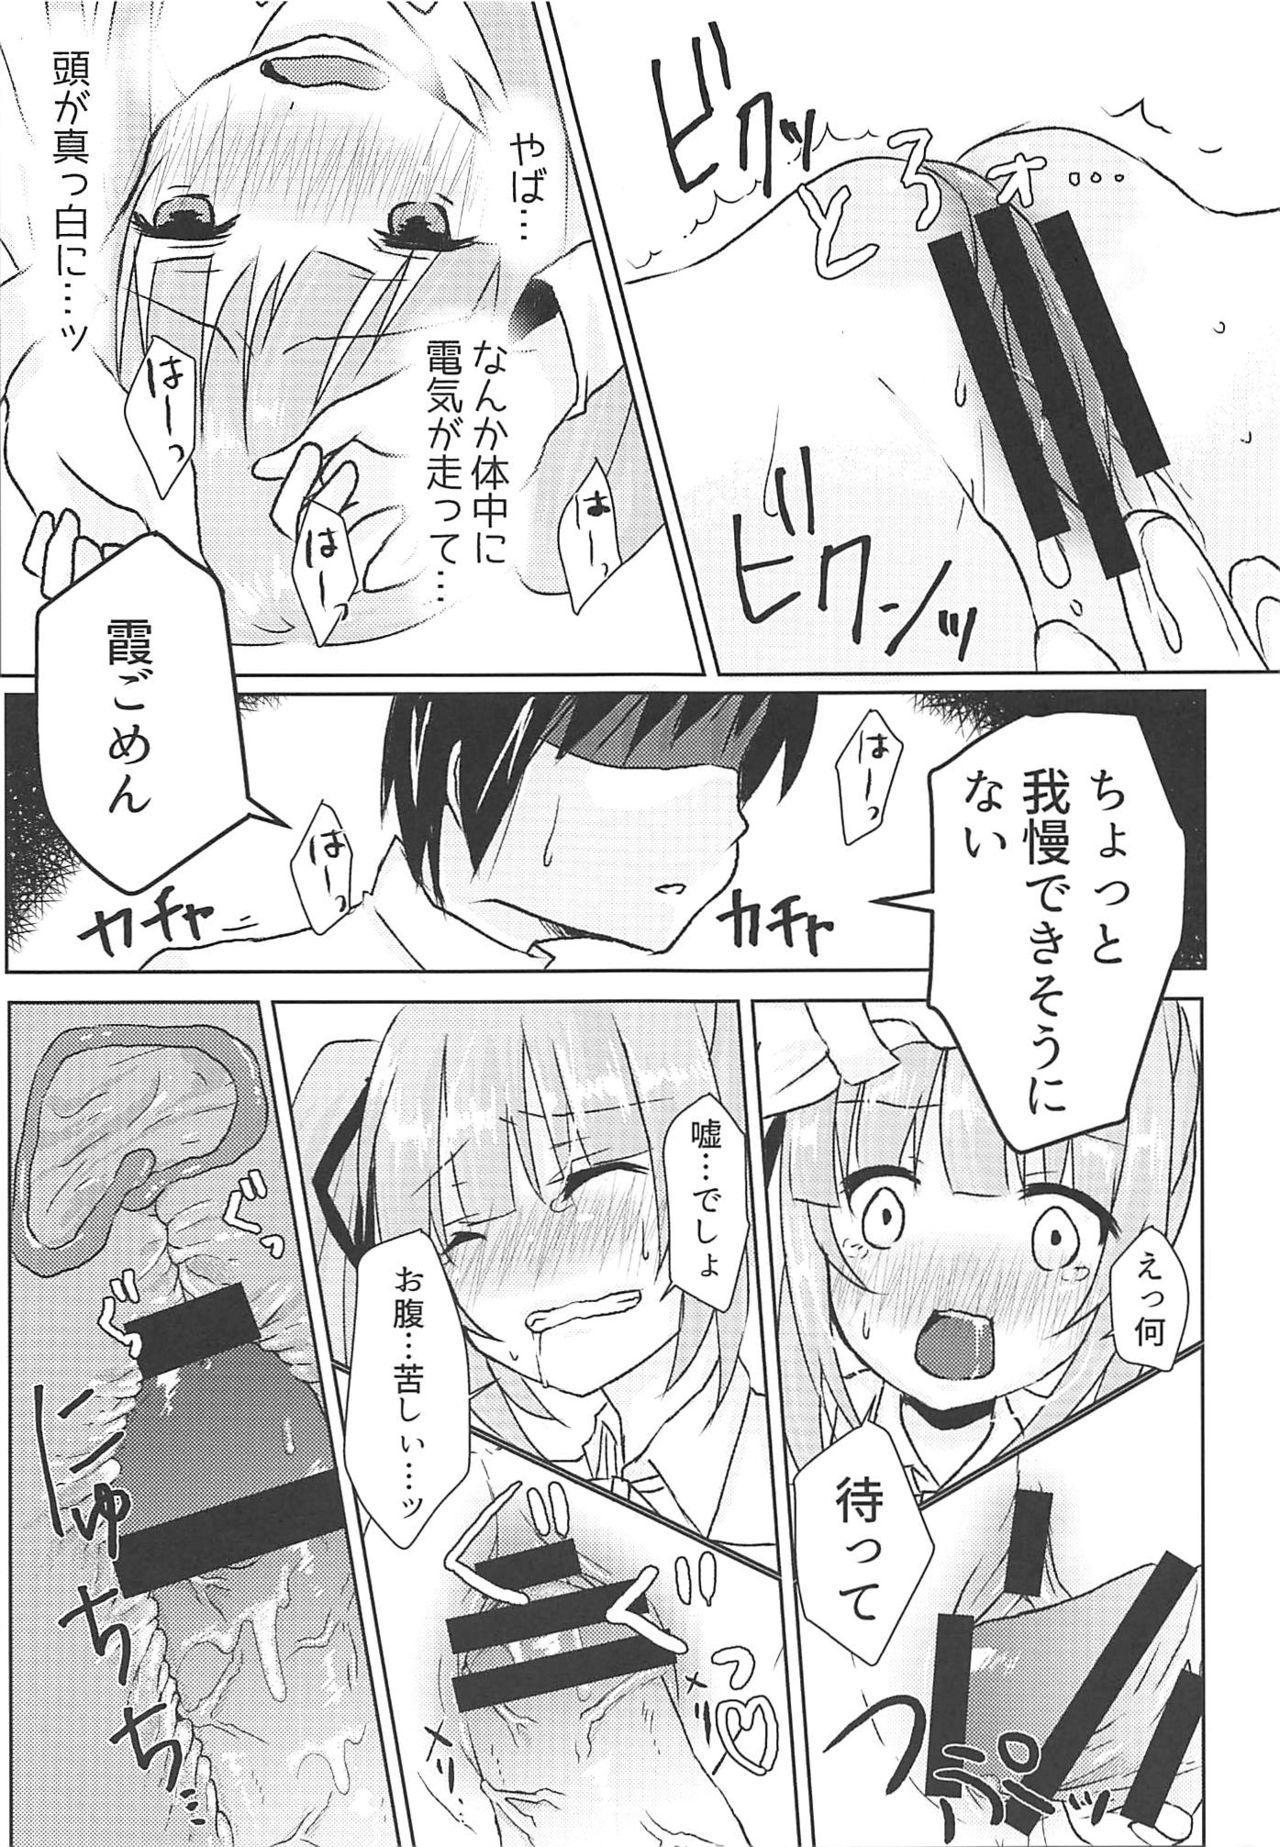 Datte Kore wa Asashio-gata Senyou Chou Massage dakara Hazukashiku nanka Naittaraa! 13